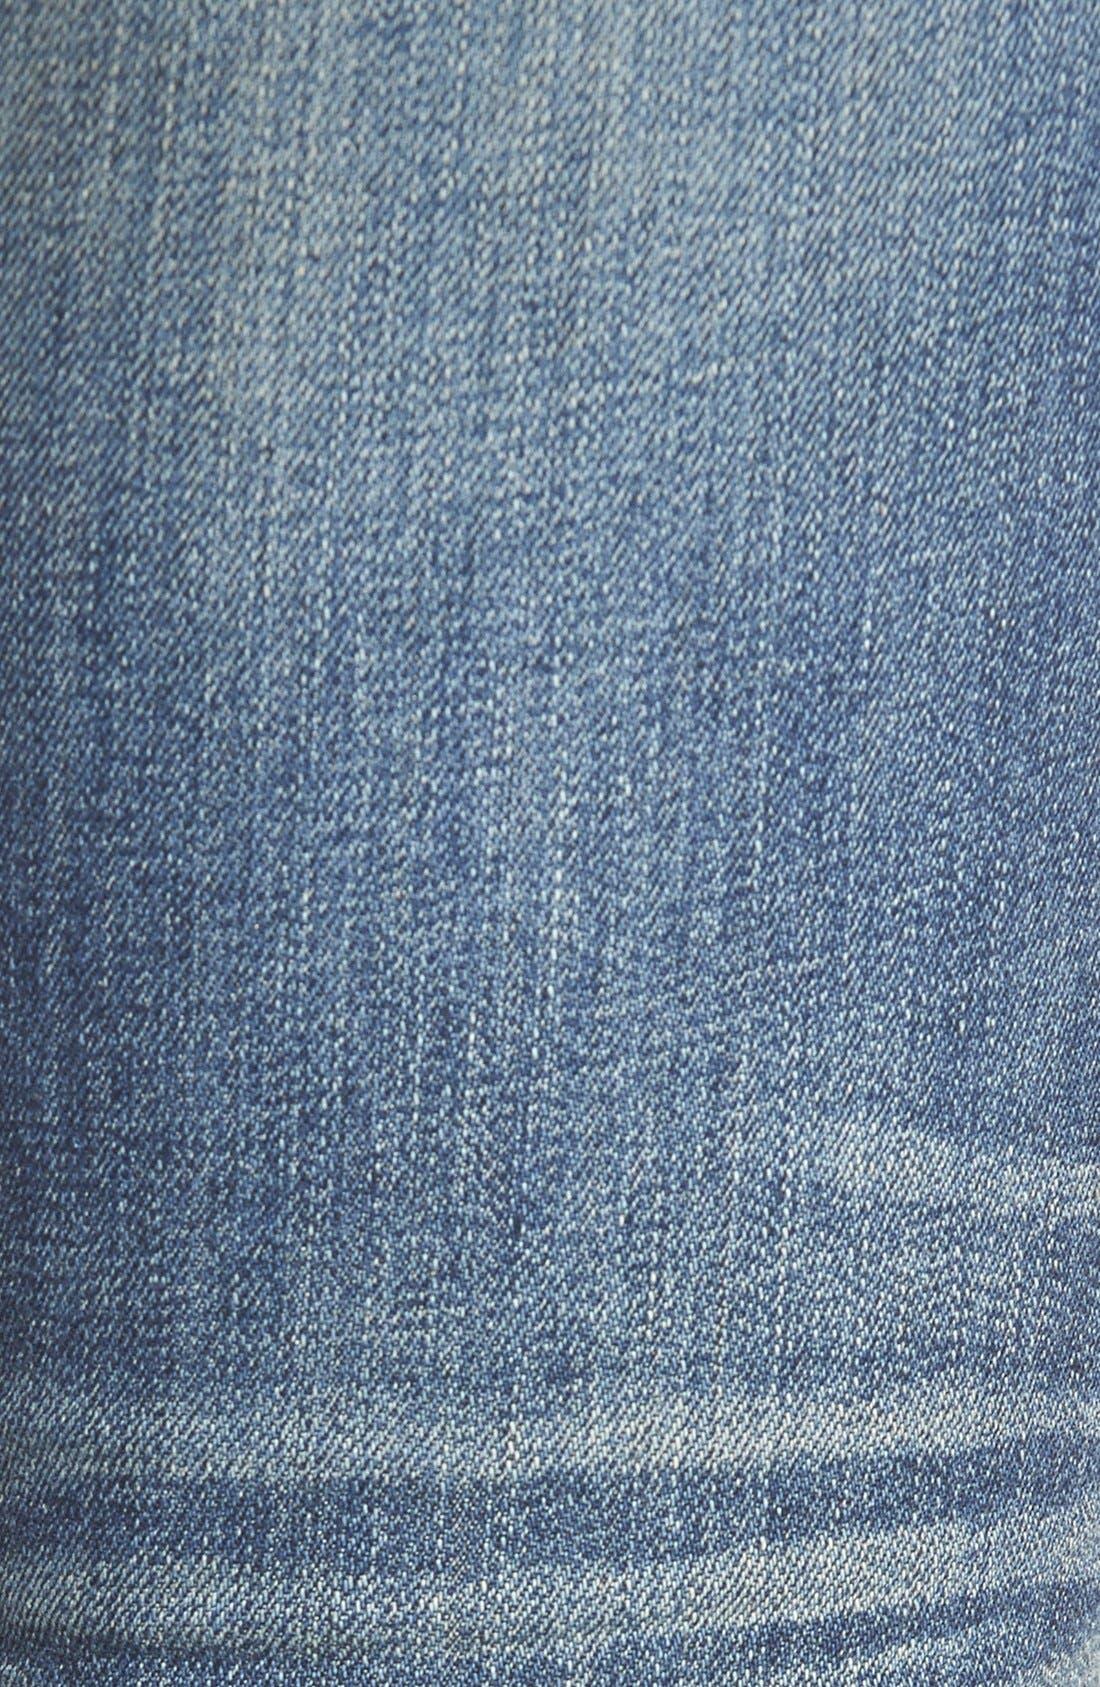 'The Dre' Slim Fit Boyfriend Jeans,                             Alternate thumbnail 3, color,                             402